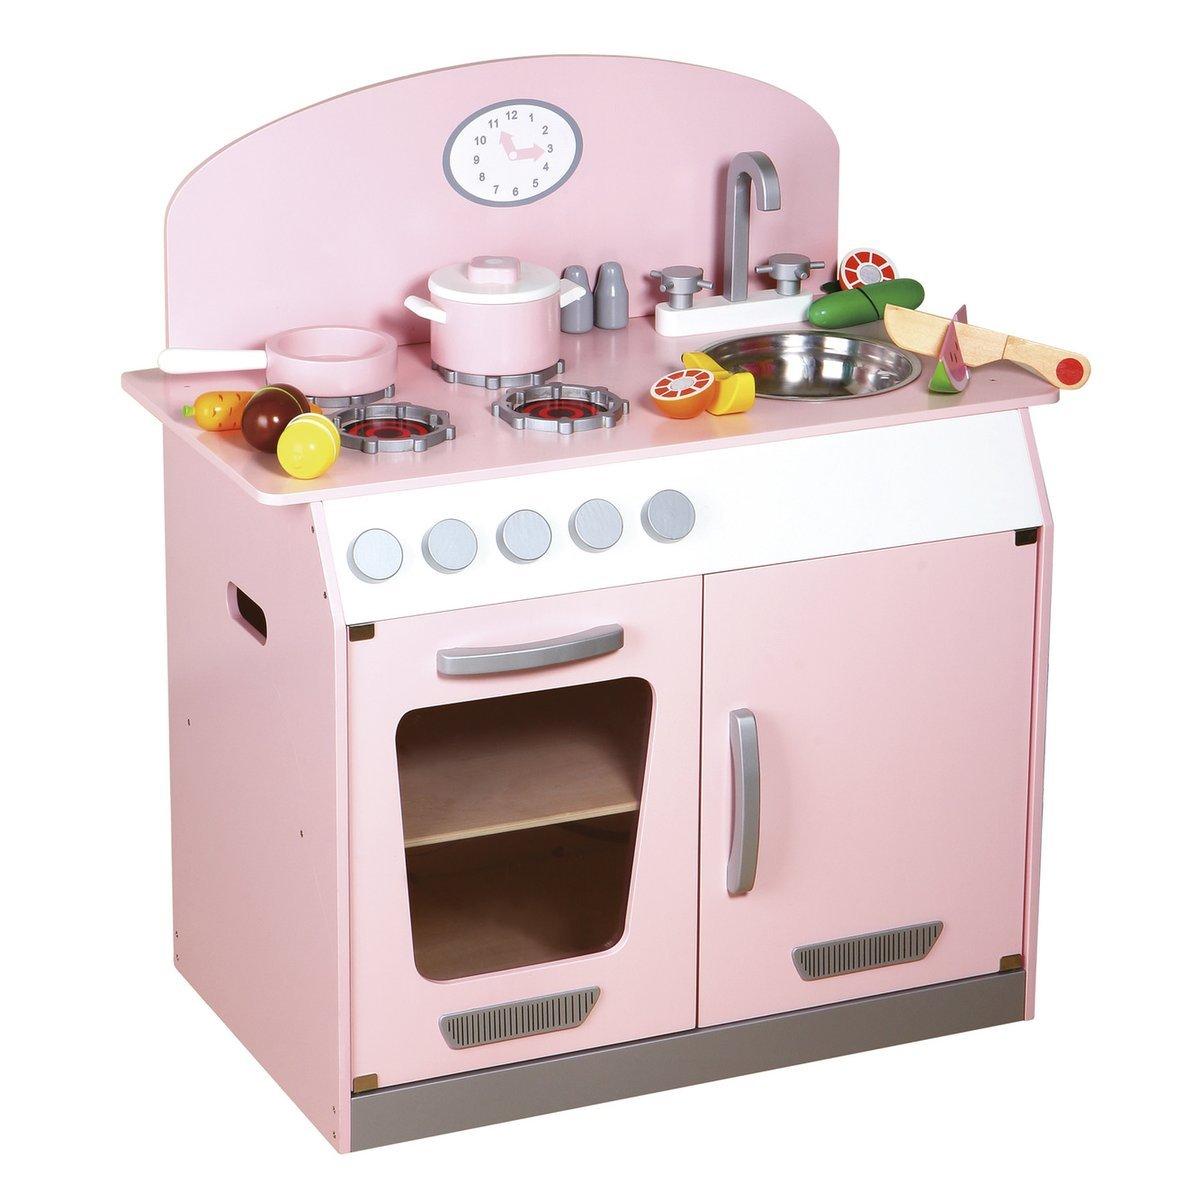 Sun küchencenter spielküche, rosa: amazon.de: spielzeug